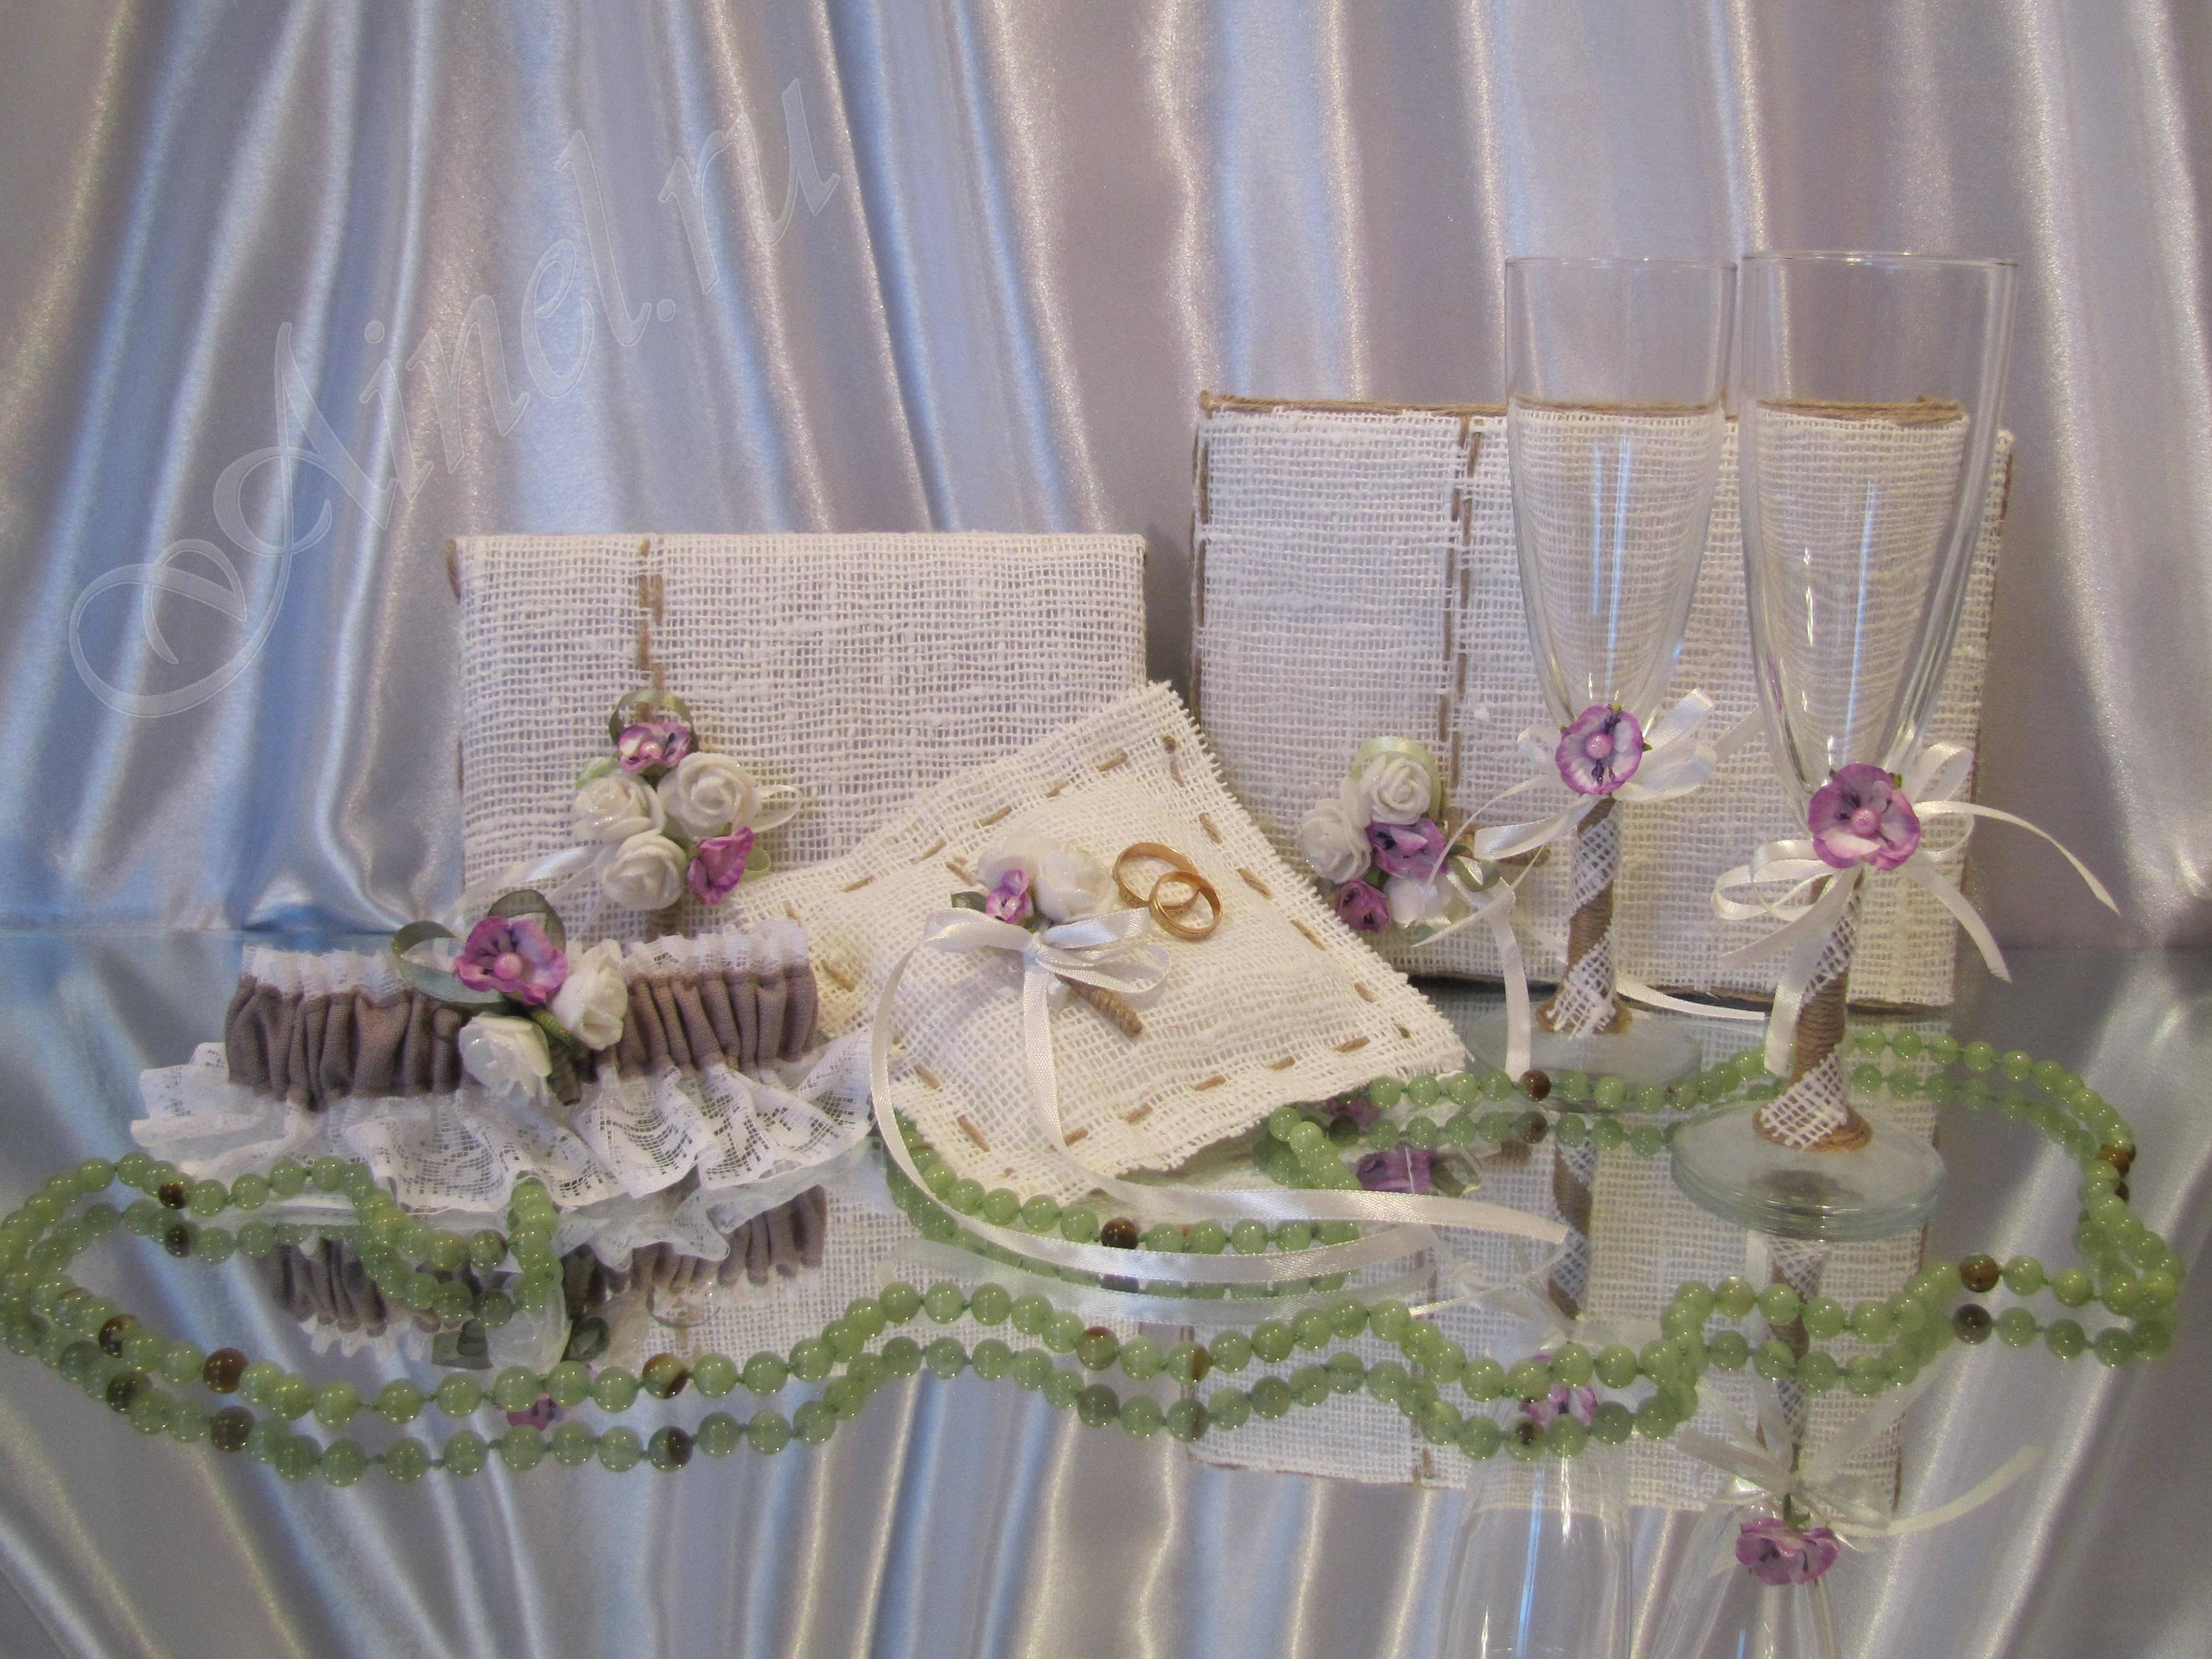 «Ainel» создает и с радостью Вам предлагает эксклюзивные свадебные аксессуары ручной работы в Санкт-Петербурге такие как: подвязки для